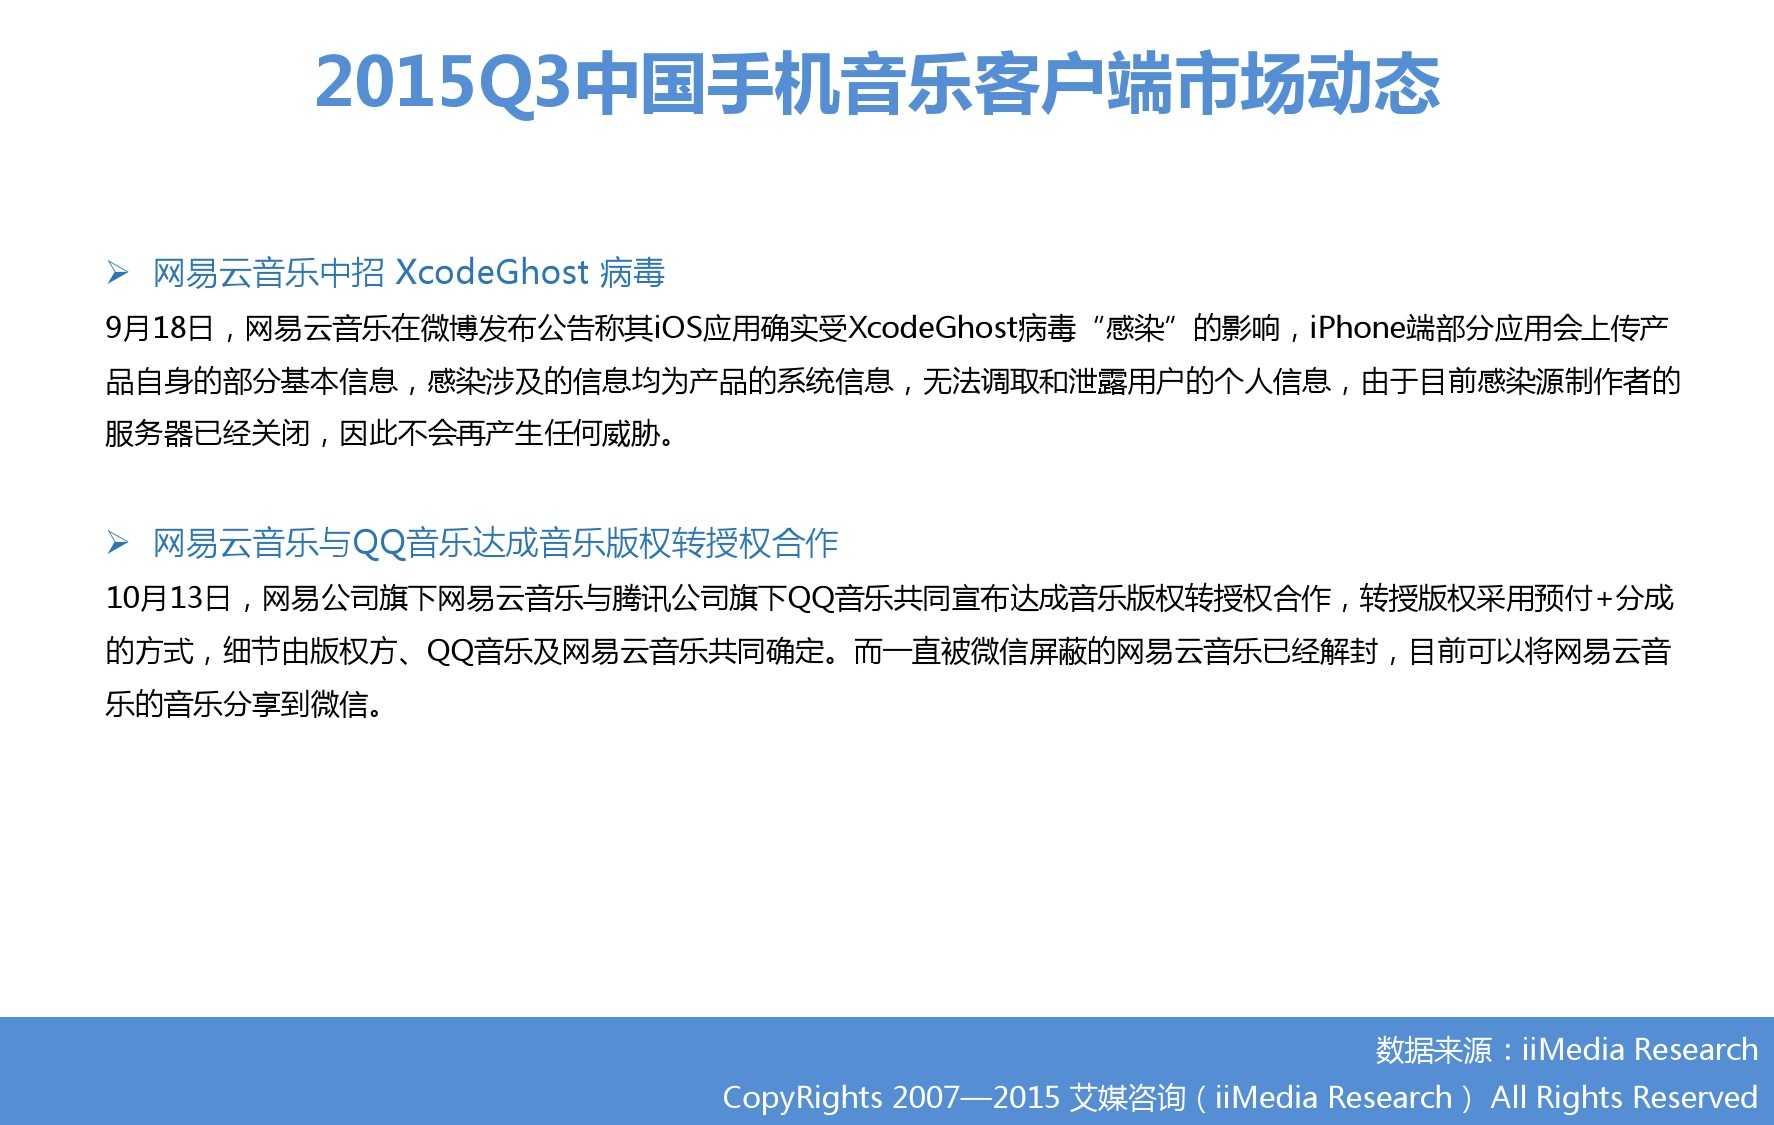 2015Q3中国手机音乐客户端季度监测报告_000004